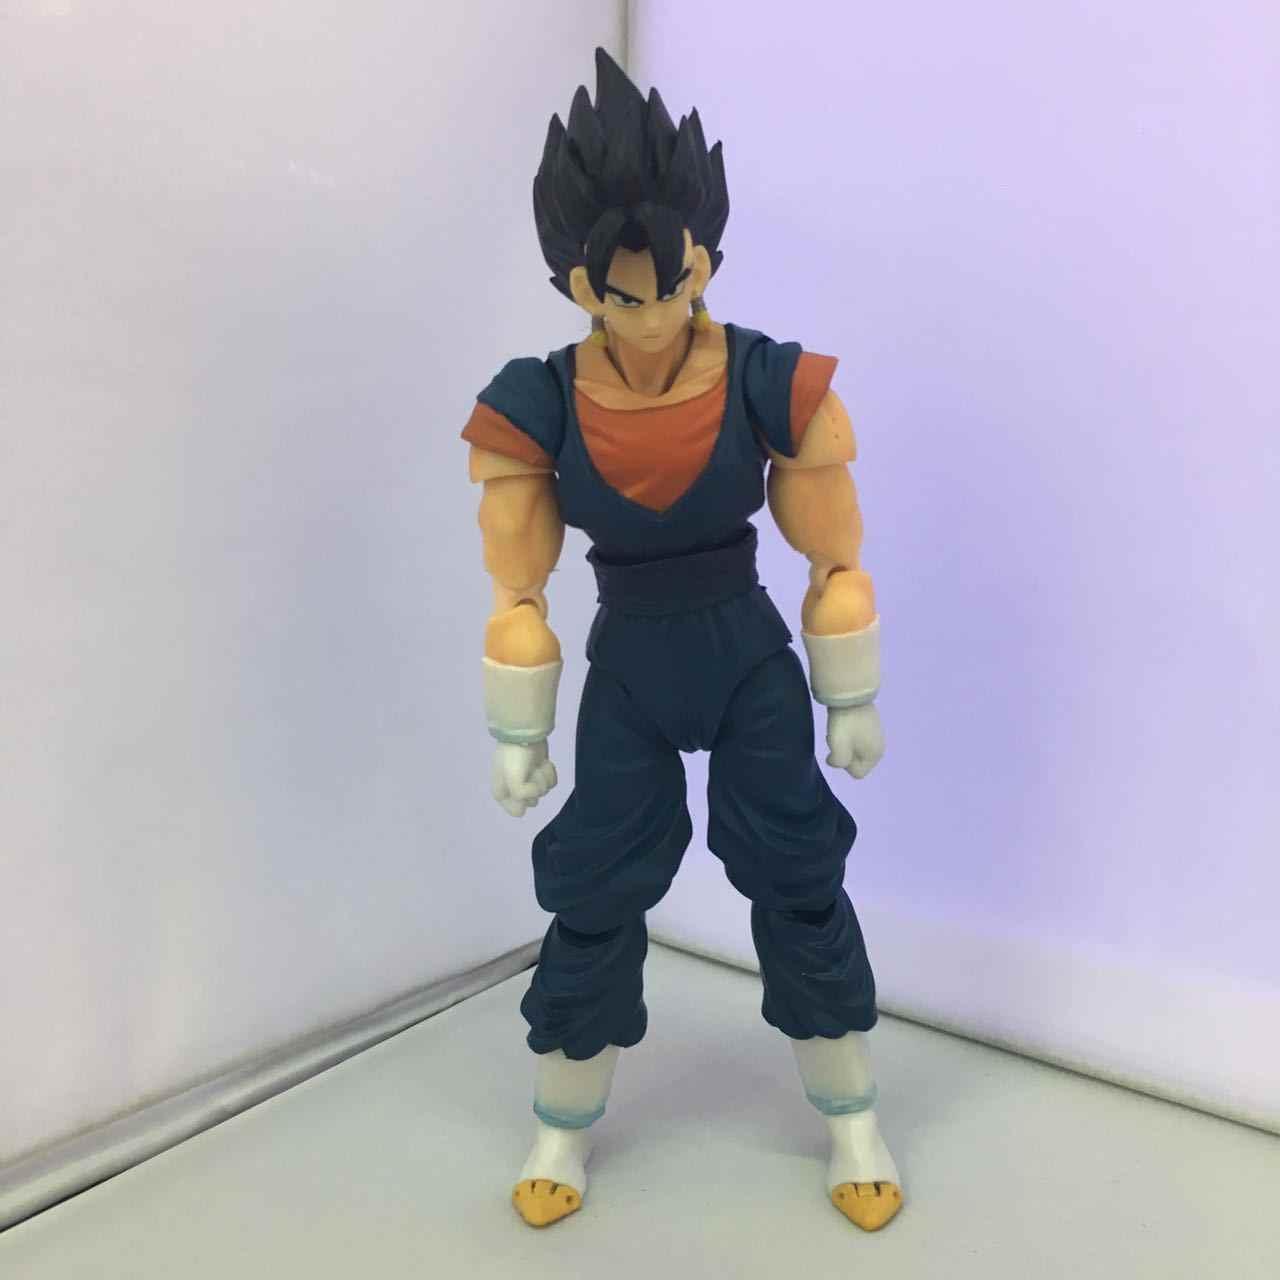 Hot Vegeta Dragon Ball Anime Japonês Figuras Kakarotto Vegeta Figuras de Brinquedo de Ação Pvc Coleção Modelo Para O Melhor Presente de Aniversário